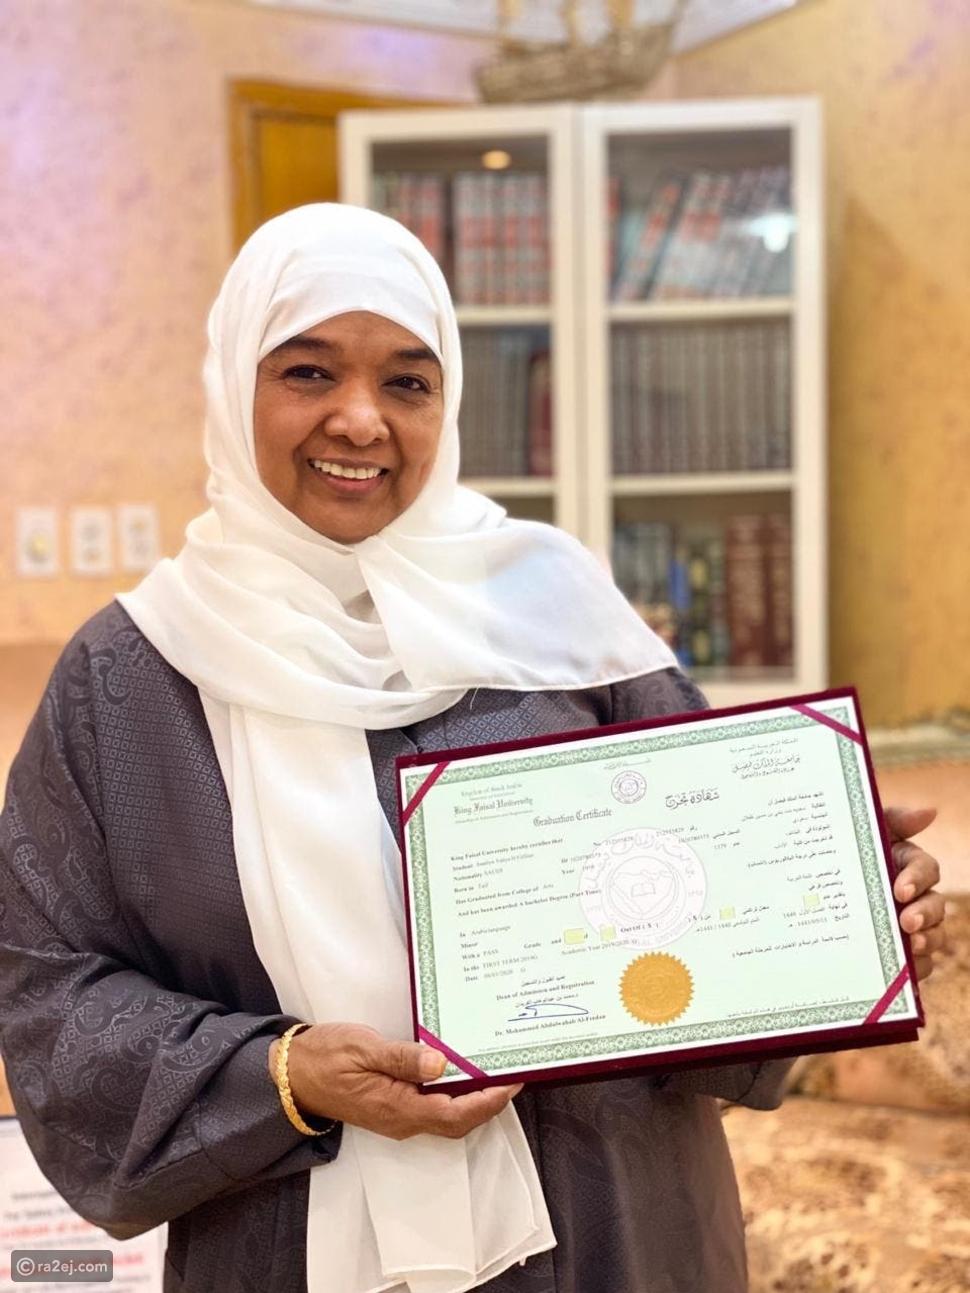 سعودية تنال البكالوريوس بعد 40 سنة من حصولها على الثانوية: قصة ملهمة